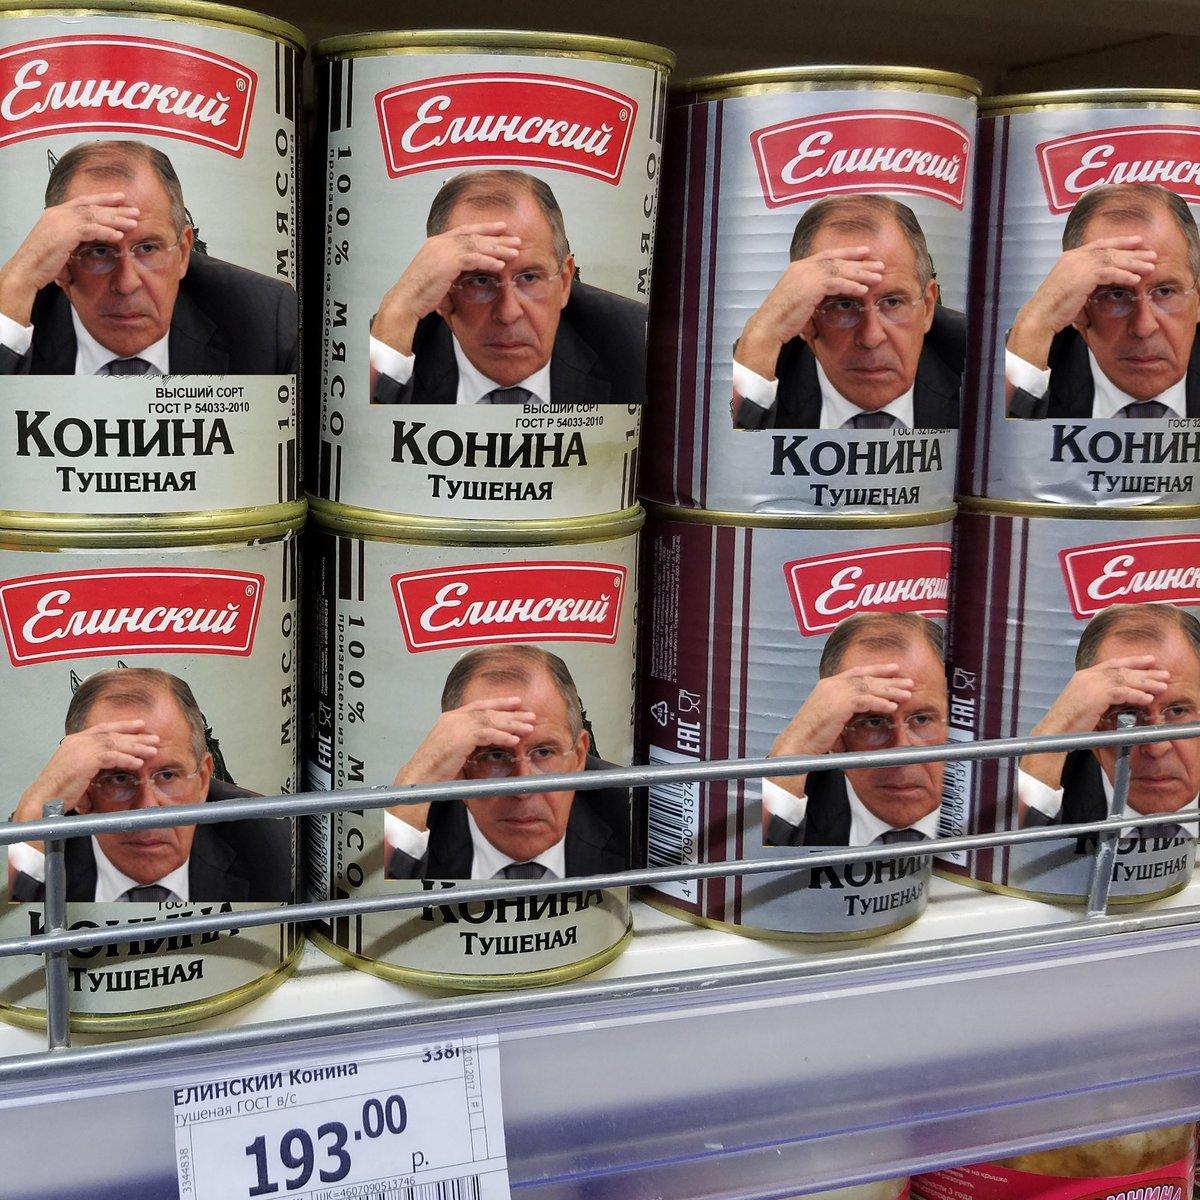 Во время председательствования в Совбезе мы поставим вопрос об открытии в Украине офиса ООН для мониторинга выполнения Минских договоренностей, - Ельченко - Цензор.НЕТ 2853